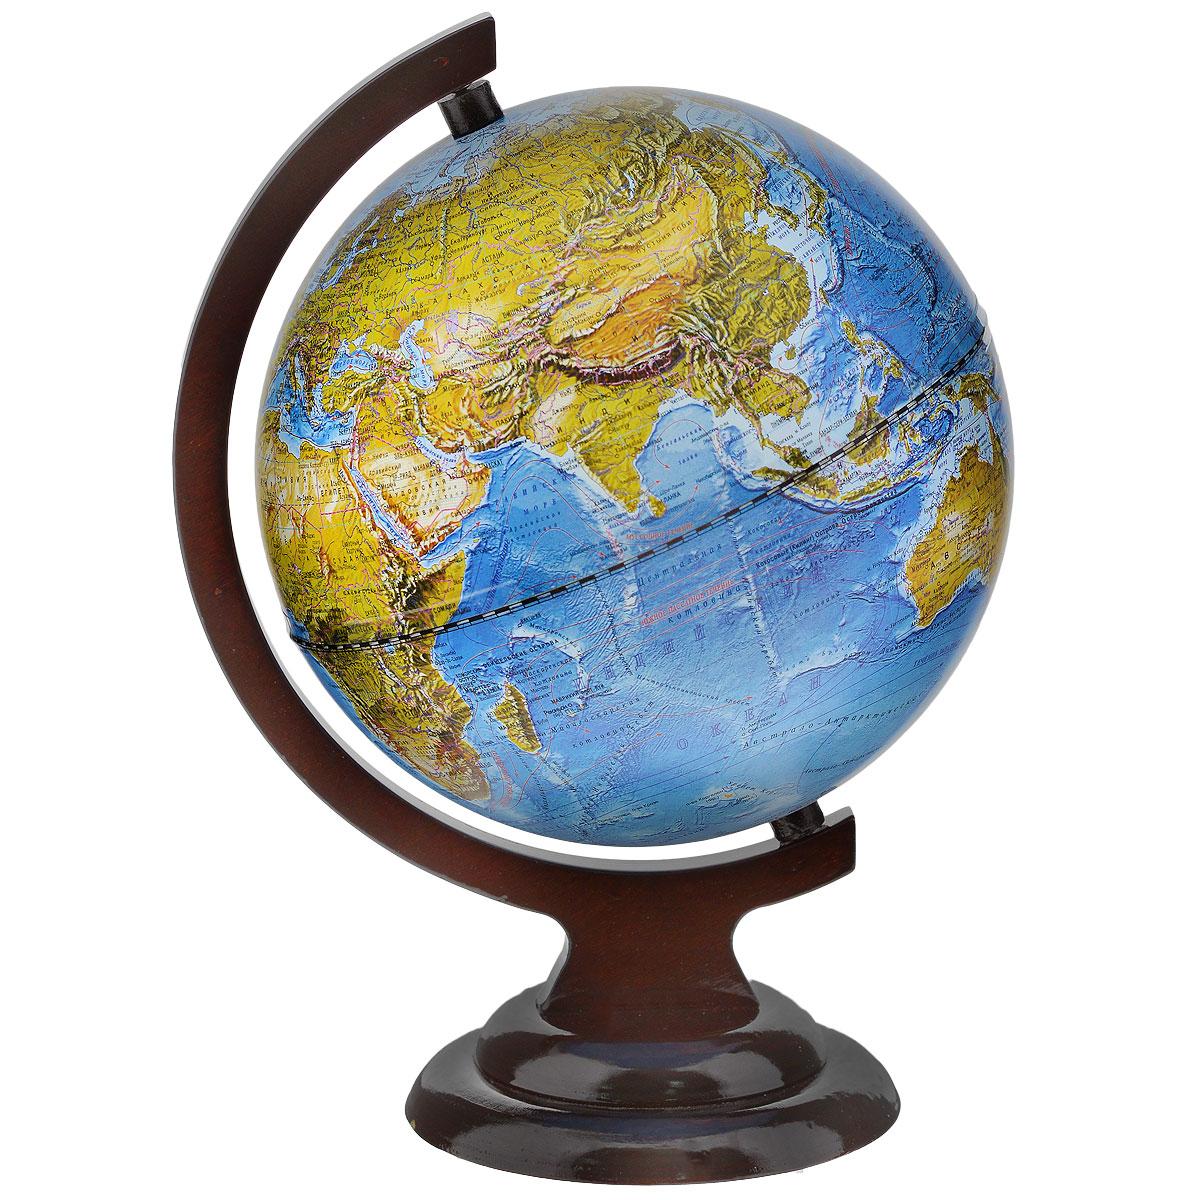 Глобусный мир Ландшафтный глобус, диаметр 21 см, на деревянной подставке10227Ландшафтный глобус Глобусный мир, изготовленный из высококачественного прочного пластика. Данная модель предназначена для ознакомления с особенностями ландшафта нашей планеты. Помимо этого ландшафтный глобус обладает приятной цветовой гаммой. Глобус дает представление о местоположении материков и океанов, на нем можно рассмотреть особенности ландшафта нашей планеты (рельефы местности, леса, горы, реки, моря, структуру дна океанов, рельеф суши), можно увидеть графическое изображение географических меридианов и параллелей, гидрографическая сеть, а также крупнейшие населенные пункты. На глобусе имеются направления и названия подводных течений. Названия стран на глобусе приведены на русской язык. Изделие расположено на красивой деревянной подставке, что придает этой модели подарочный вид. Настольный глобус Глобусный мир станет оригинальным украшением рабочего стола или вашего кабинета. Это изысканная вещь для стильного интерьера, которая станет прекрасным...